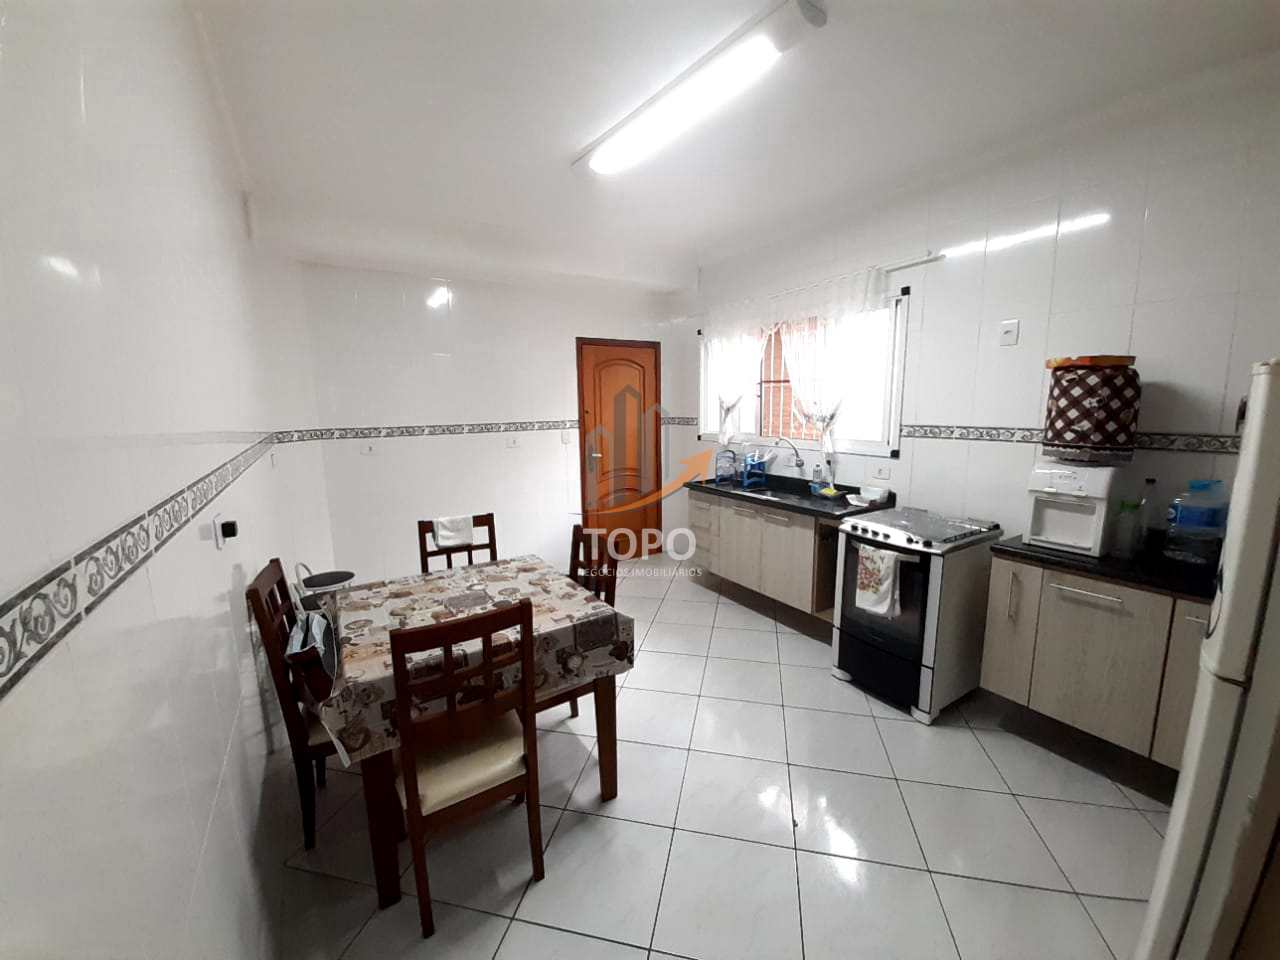 Sobrado com 2 dorms, Boqueirão, Praia Grande - R$ 450 mil, Cod: 5095